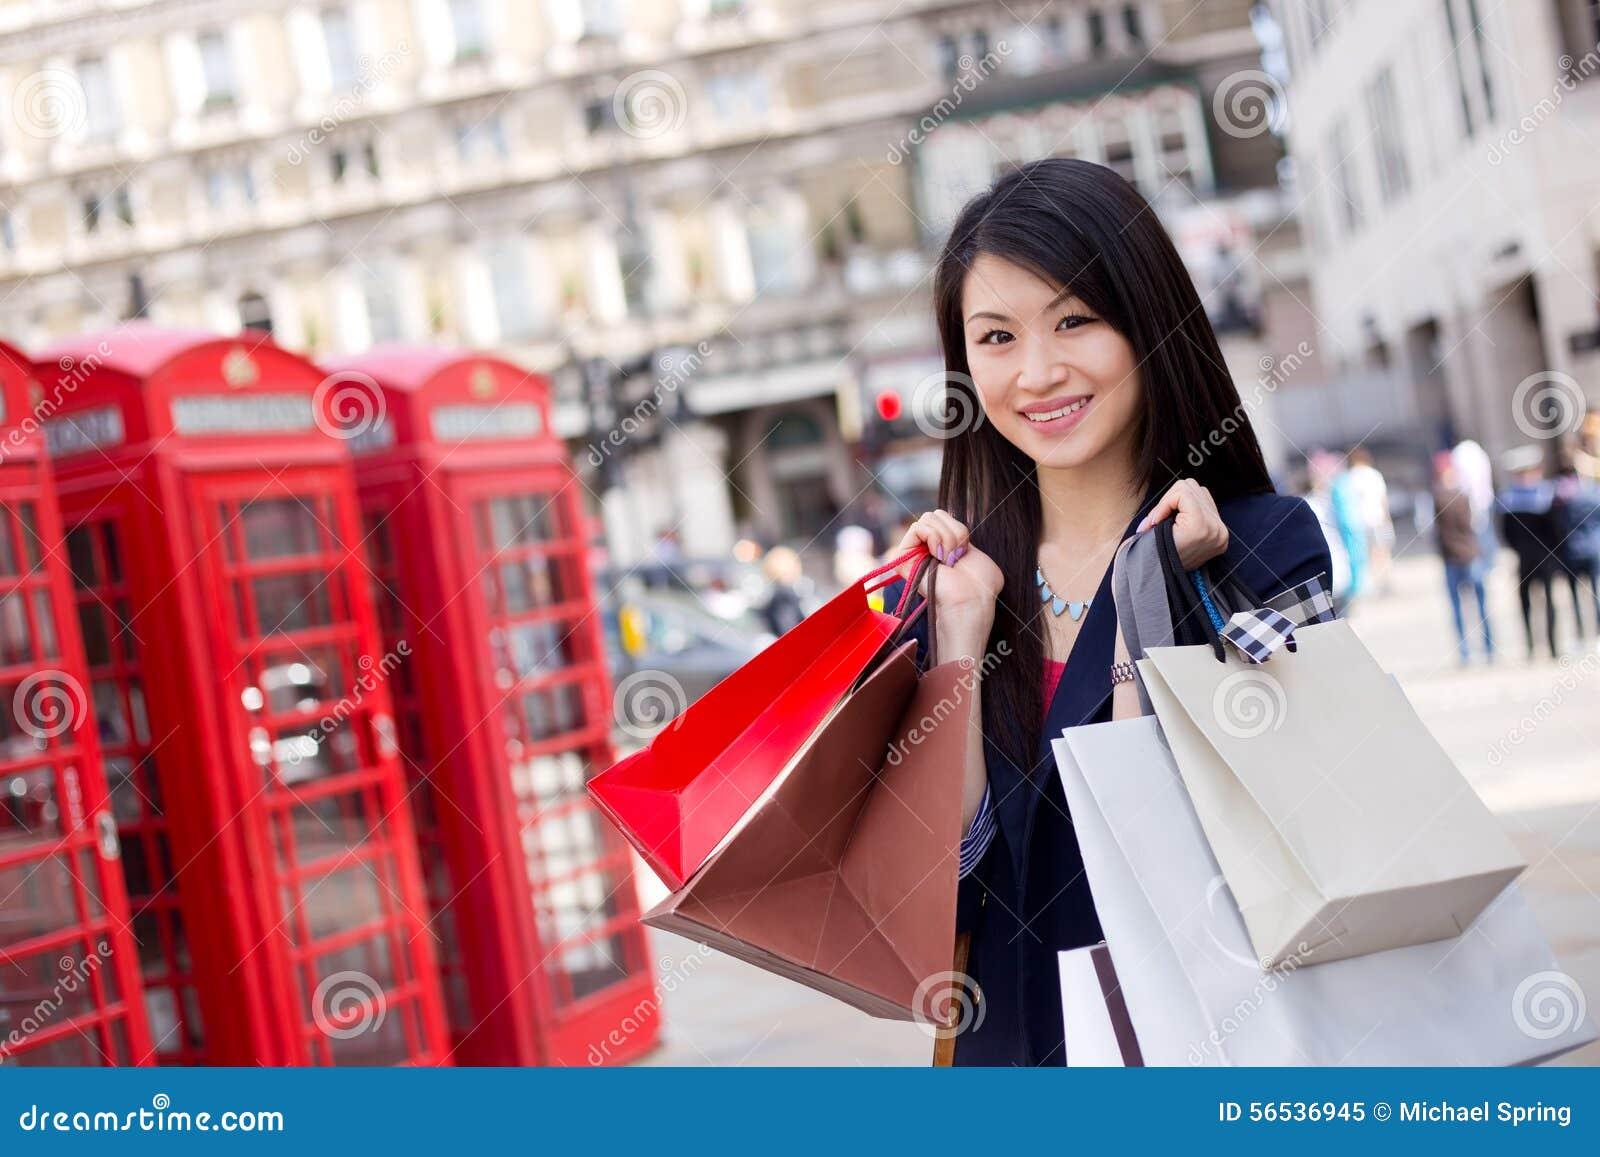 touristisches einkaufen stockbild bild von einzelverkauf 56536945. Black Bedroom Furniture Sets. Home Design Ideas